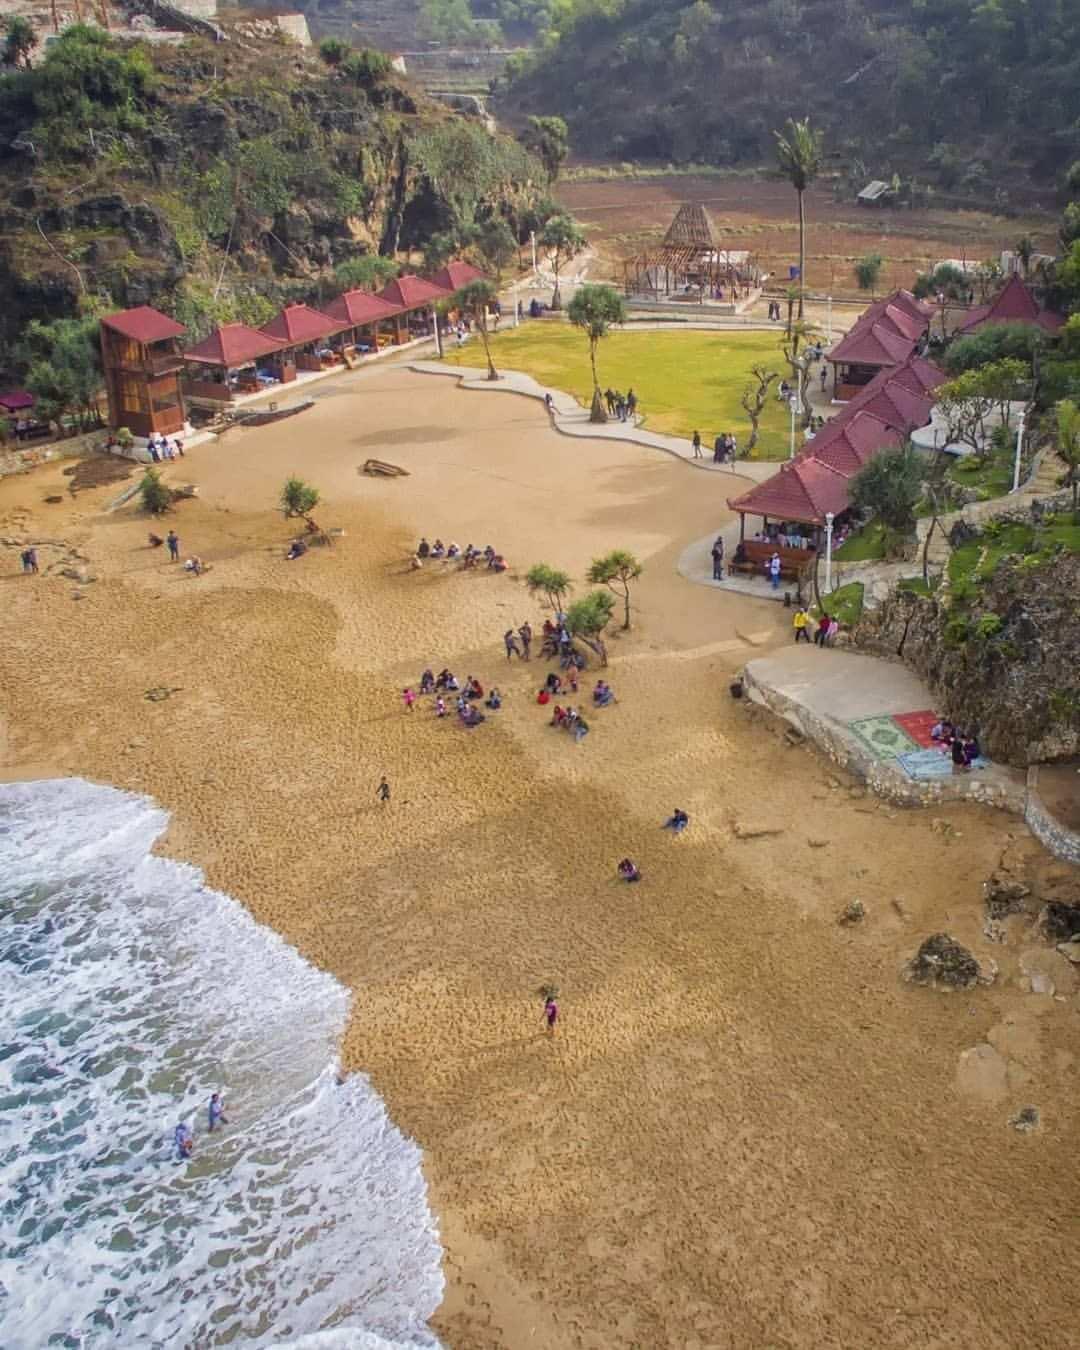 View Pantai Ngrawe Dari Atas Arah Laut, Image From @@arif_josselalu